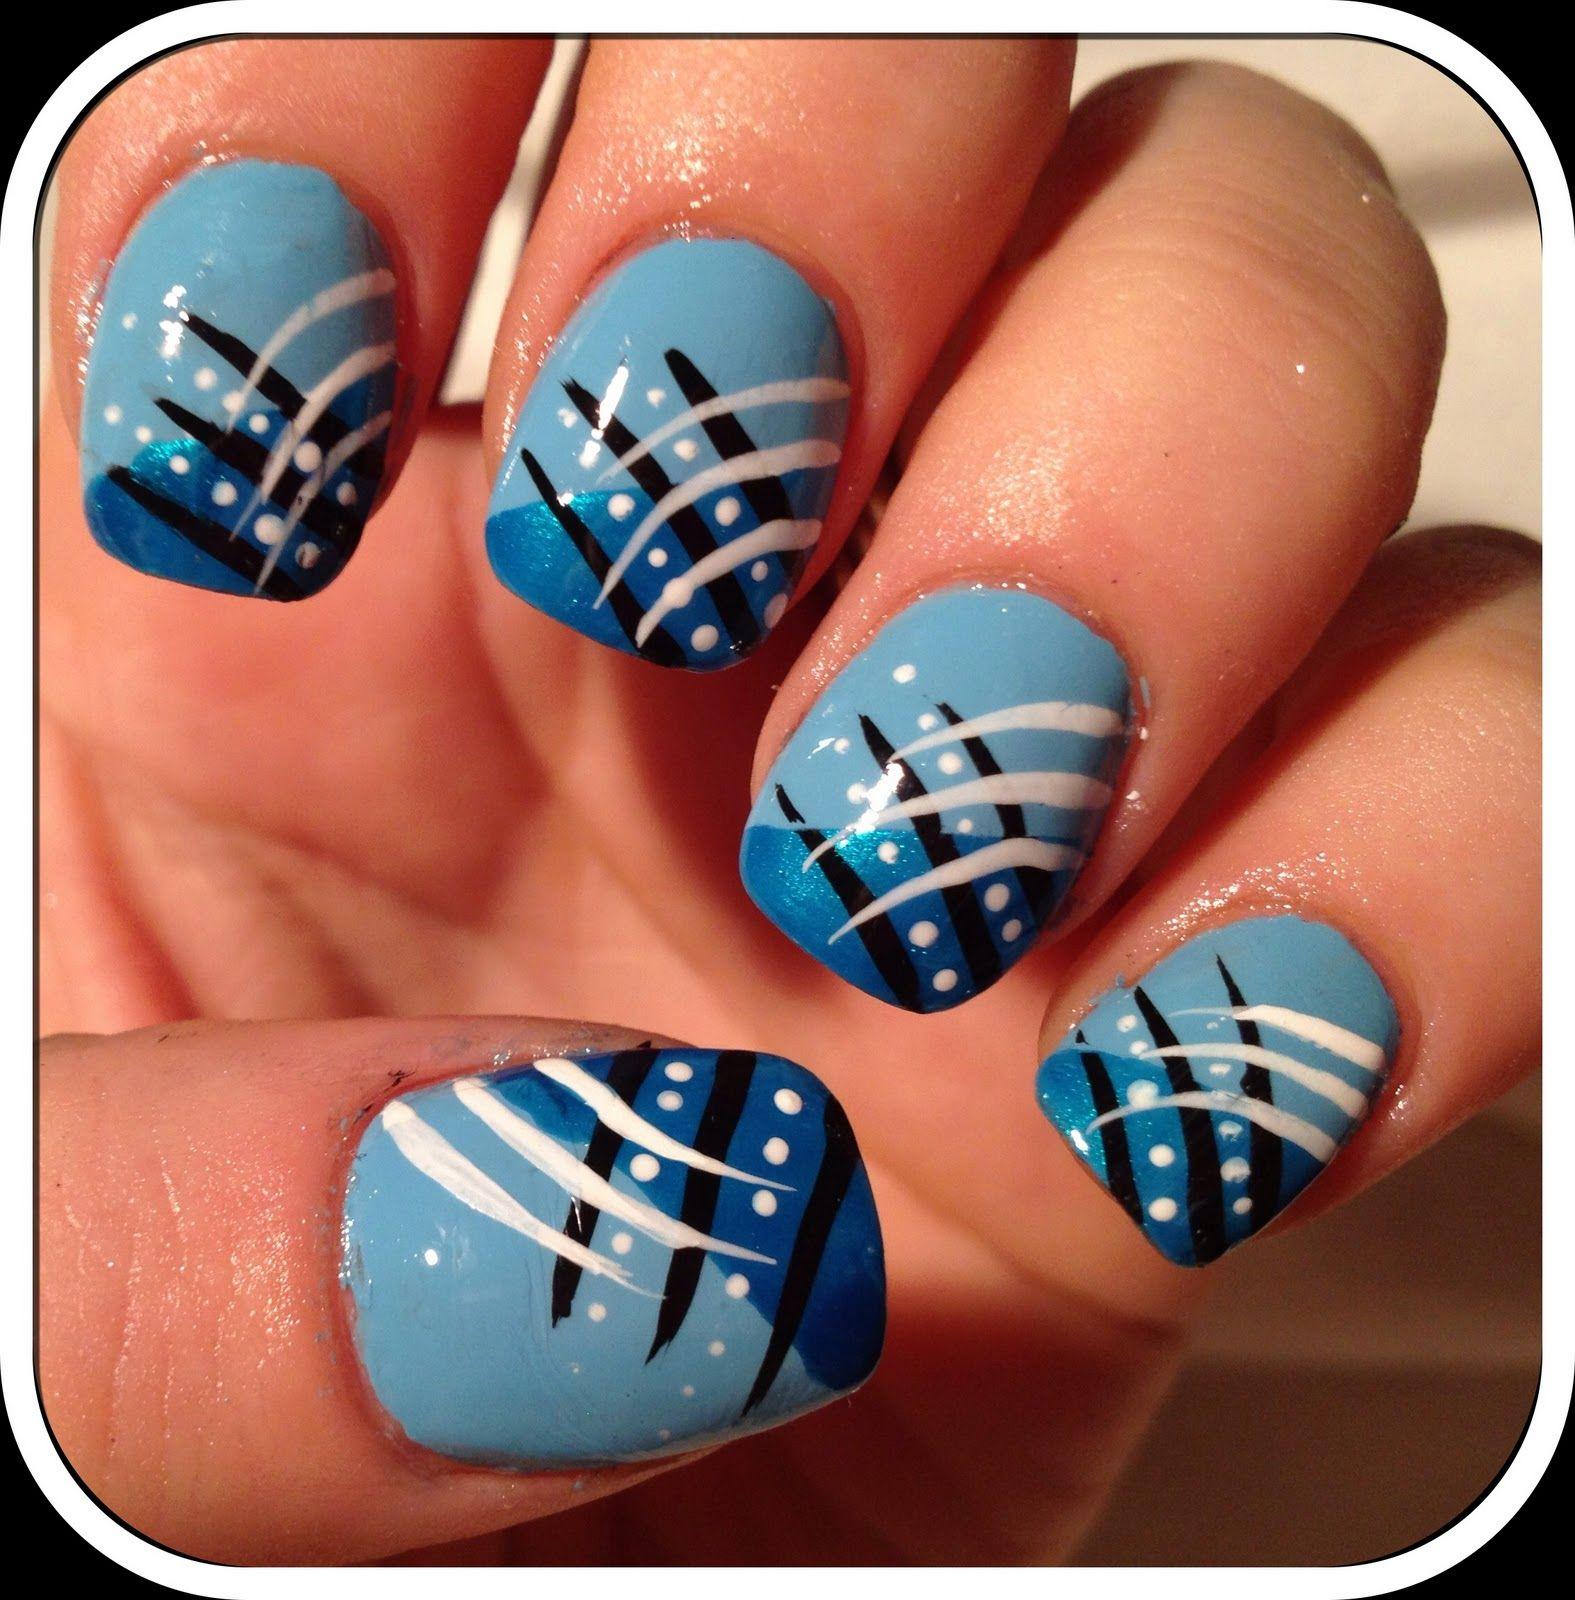 nail art | #NAILS <3 | Pinterest | White nail art, Nail art pen and ...